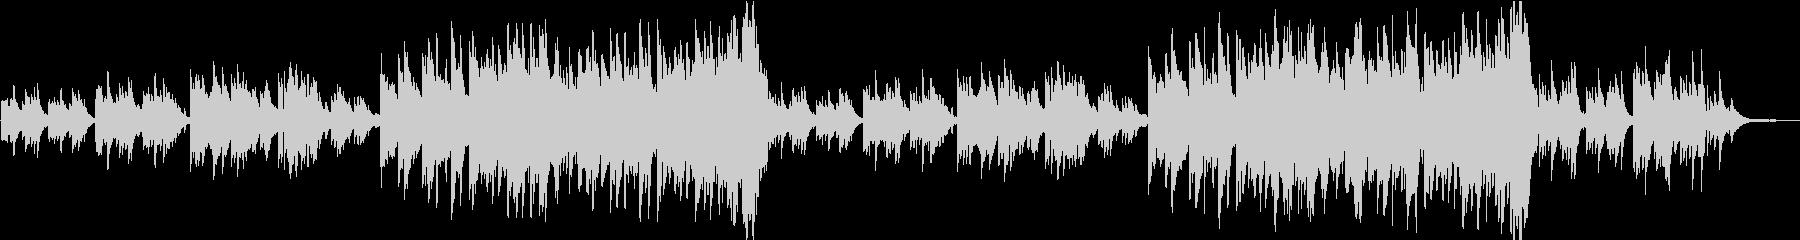 感動的なピアノ曲  ソフトverの未再生の波形